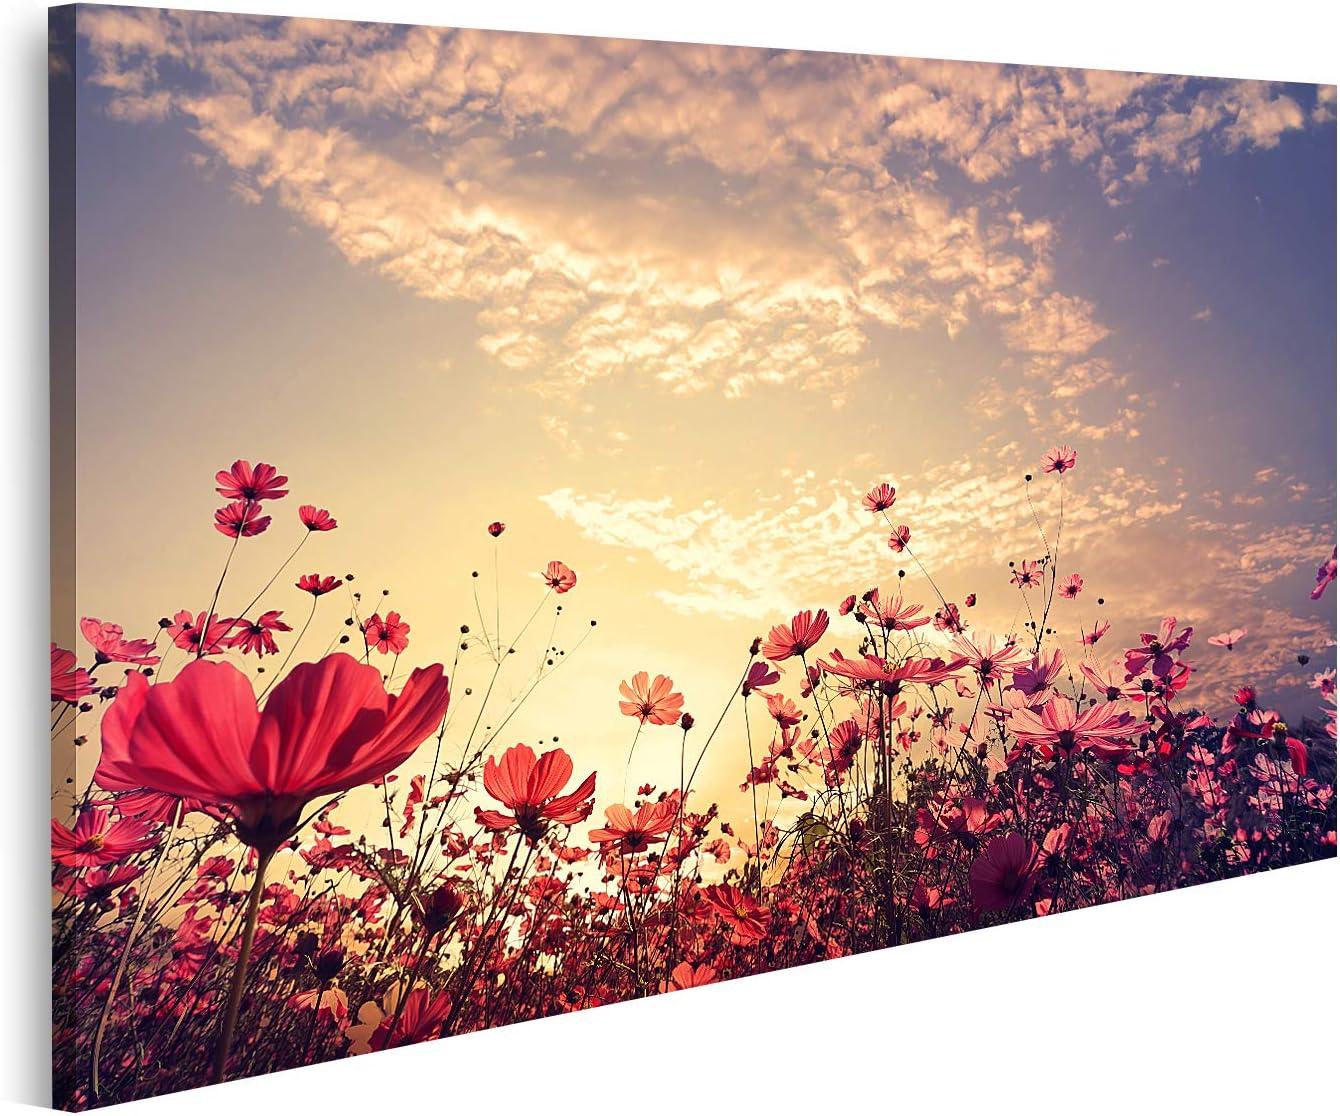 islandburner Cuadro en Lienzo Hermoso Campo de Flores Rosadas y Rojas del Cosmos con Sol Cuadros Modernos Decoracion Impresión Salon